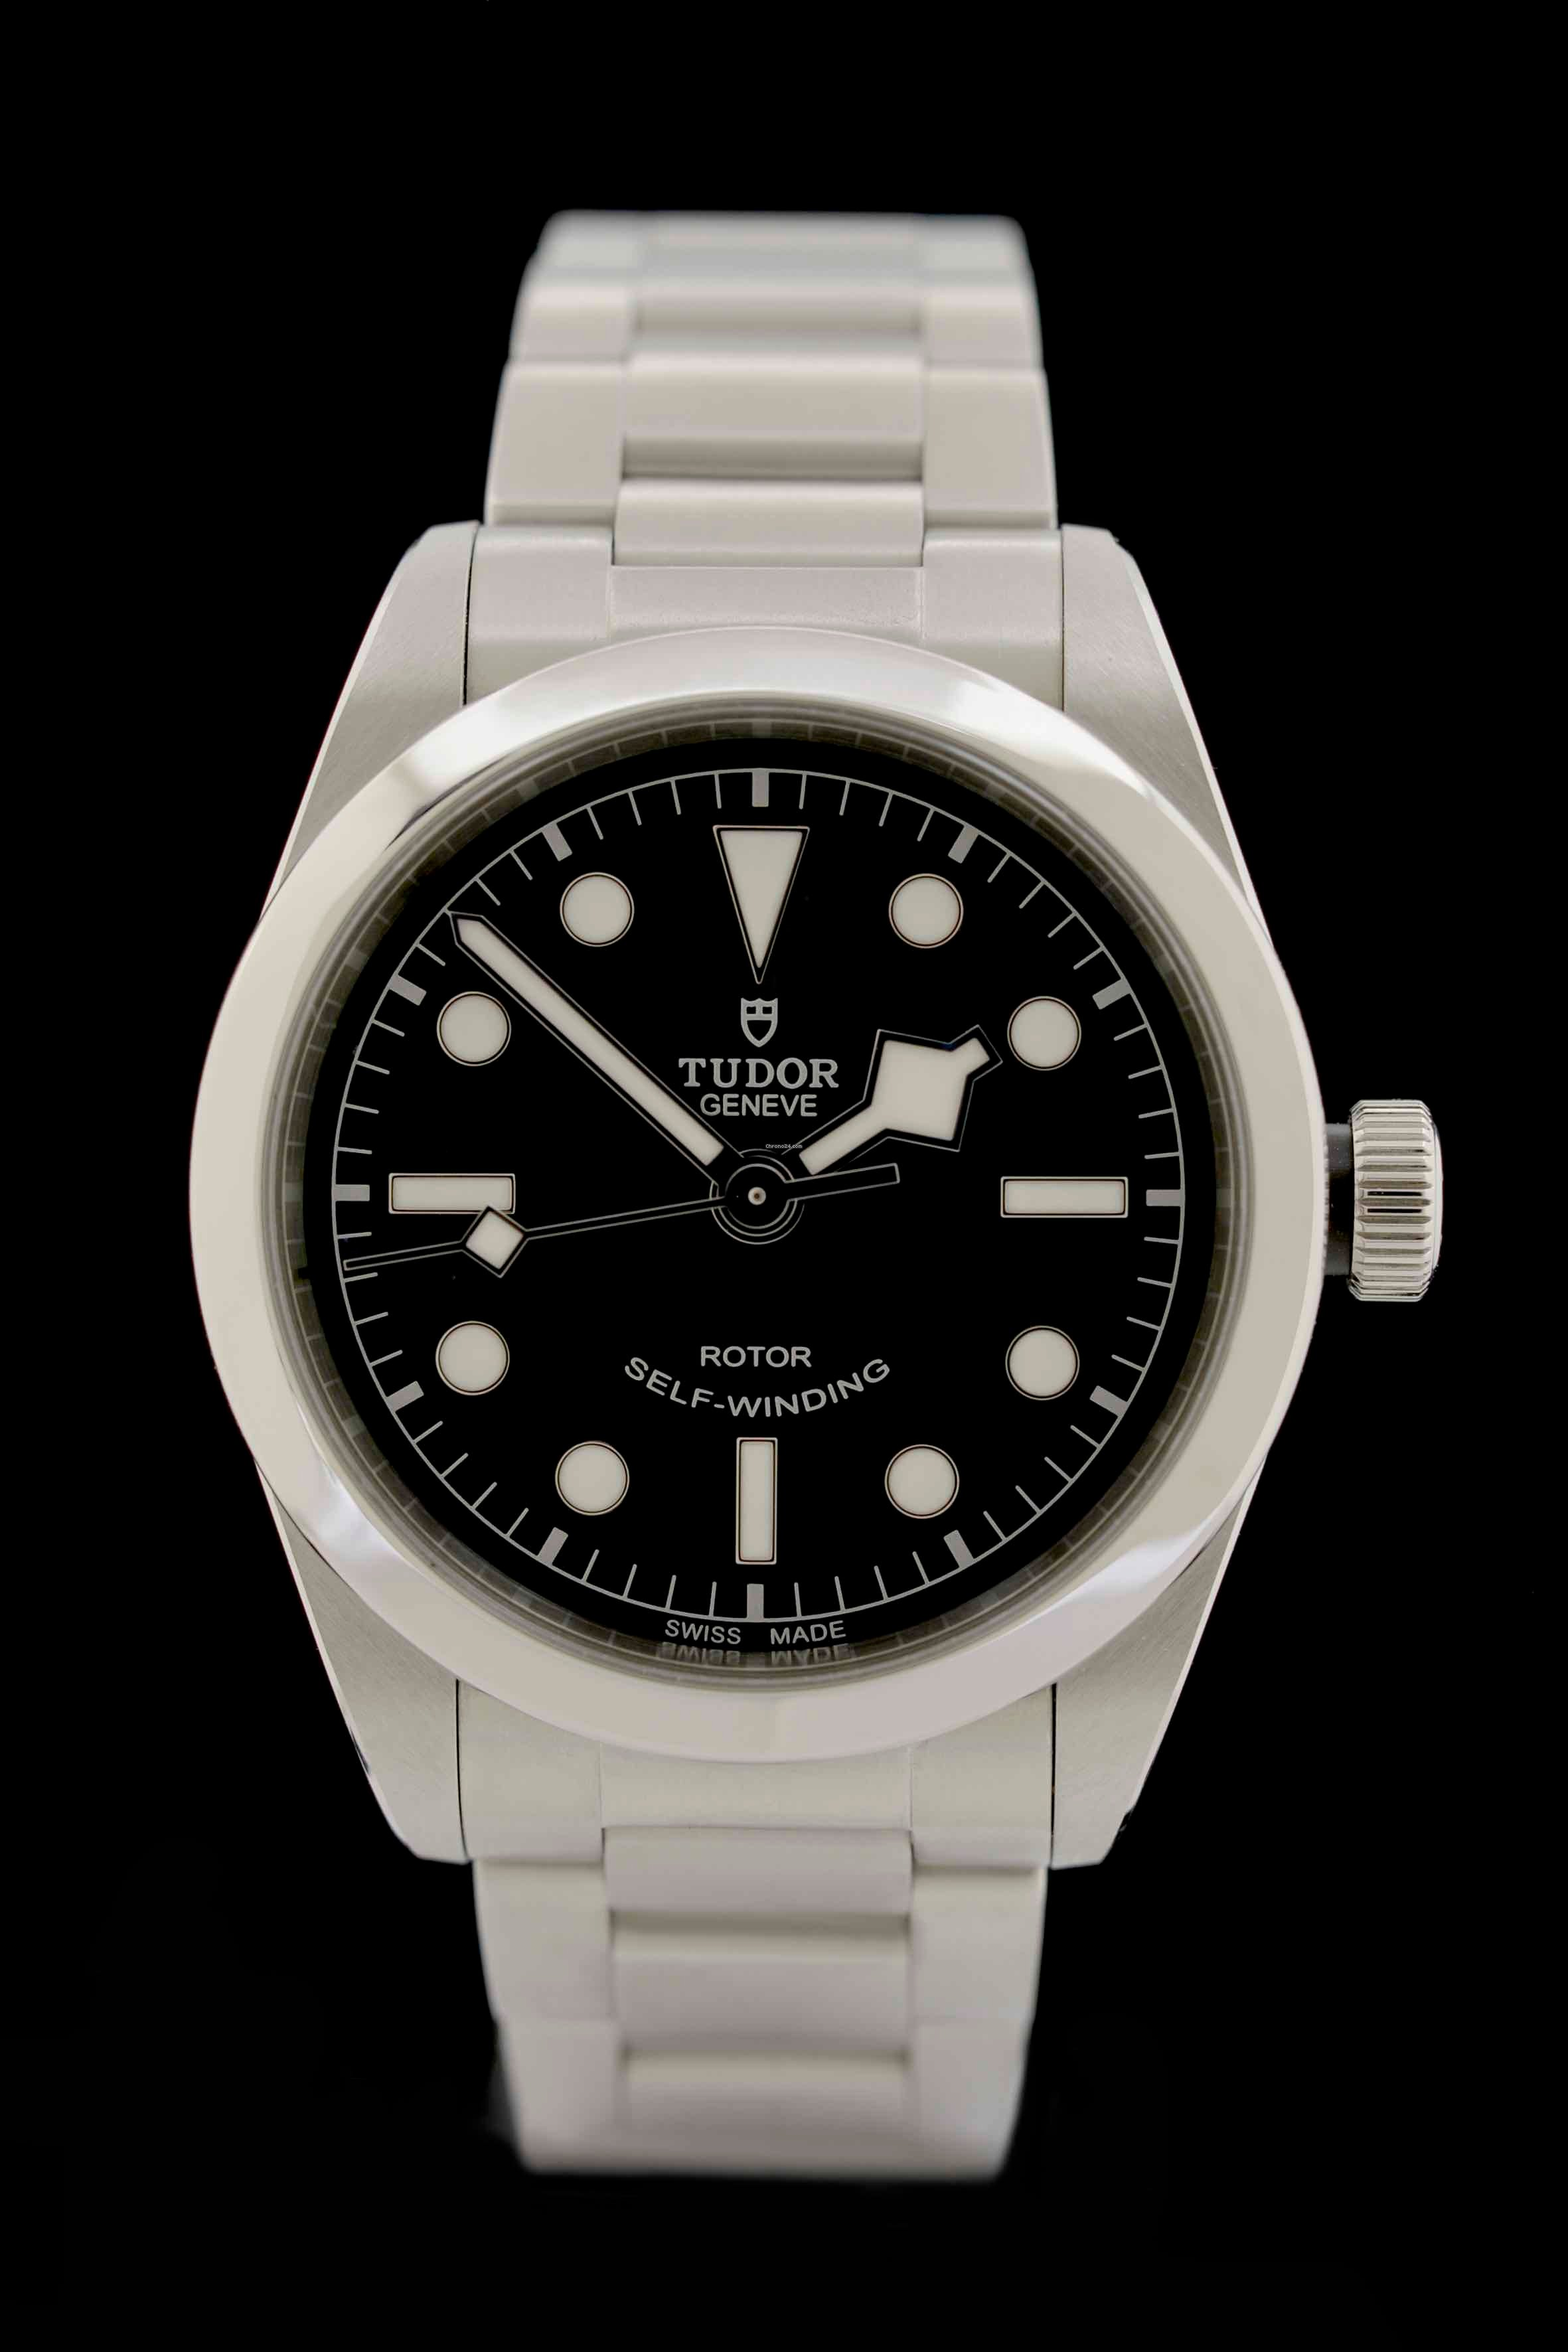 big sale 78e95 f48dc Tudor Heritage Black Bay 36 - Ref. 79500 - Box\/Papiere ...